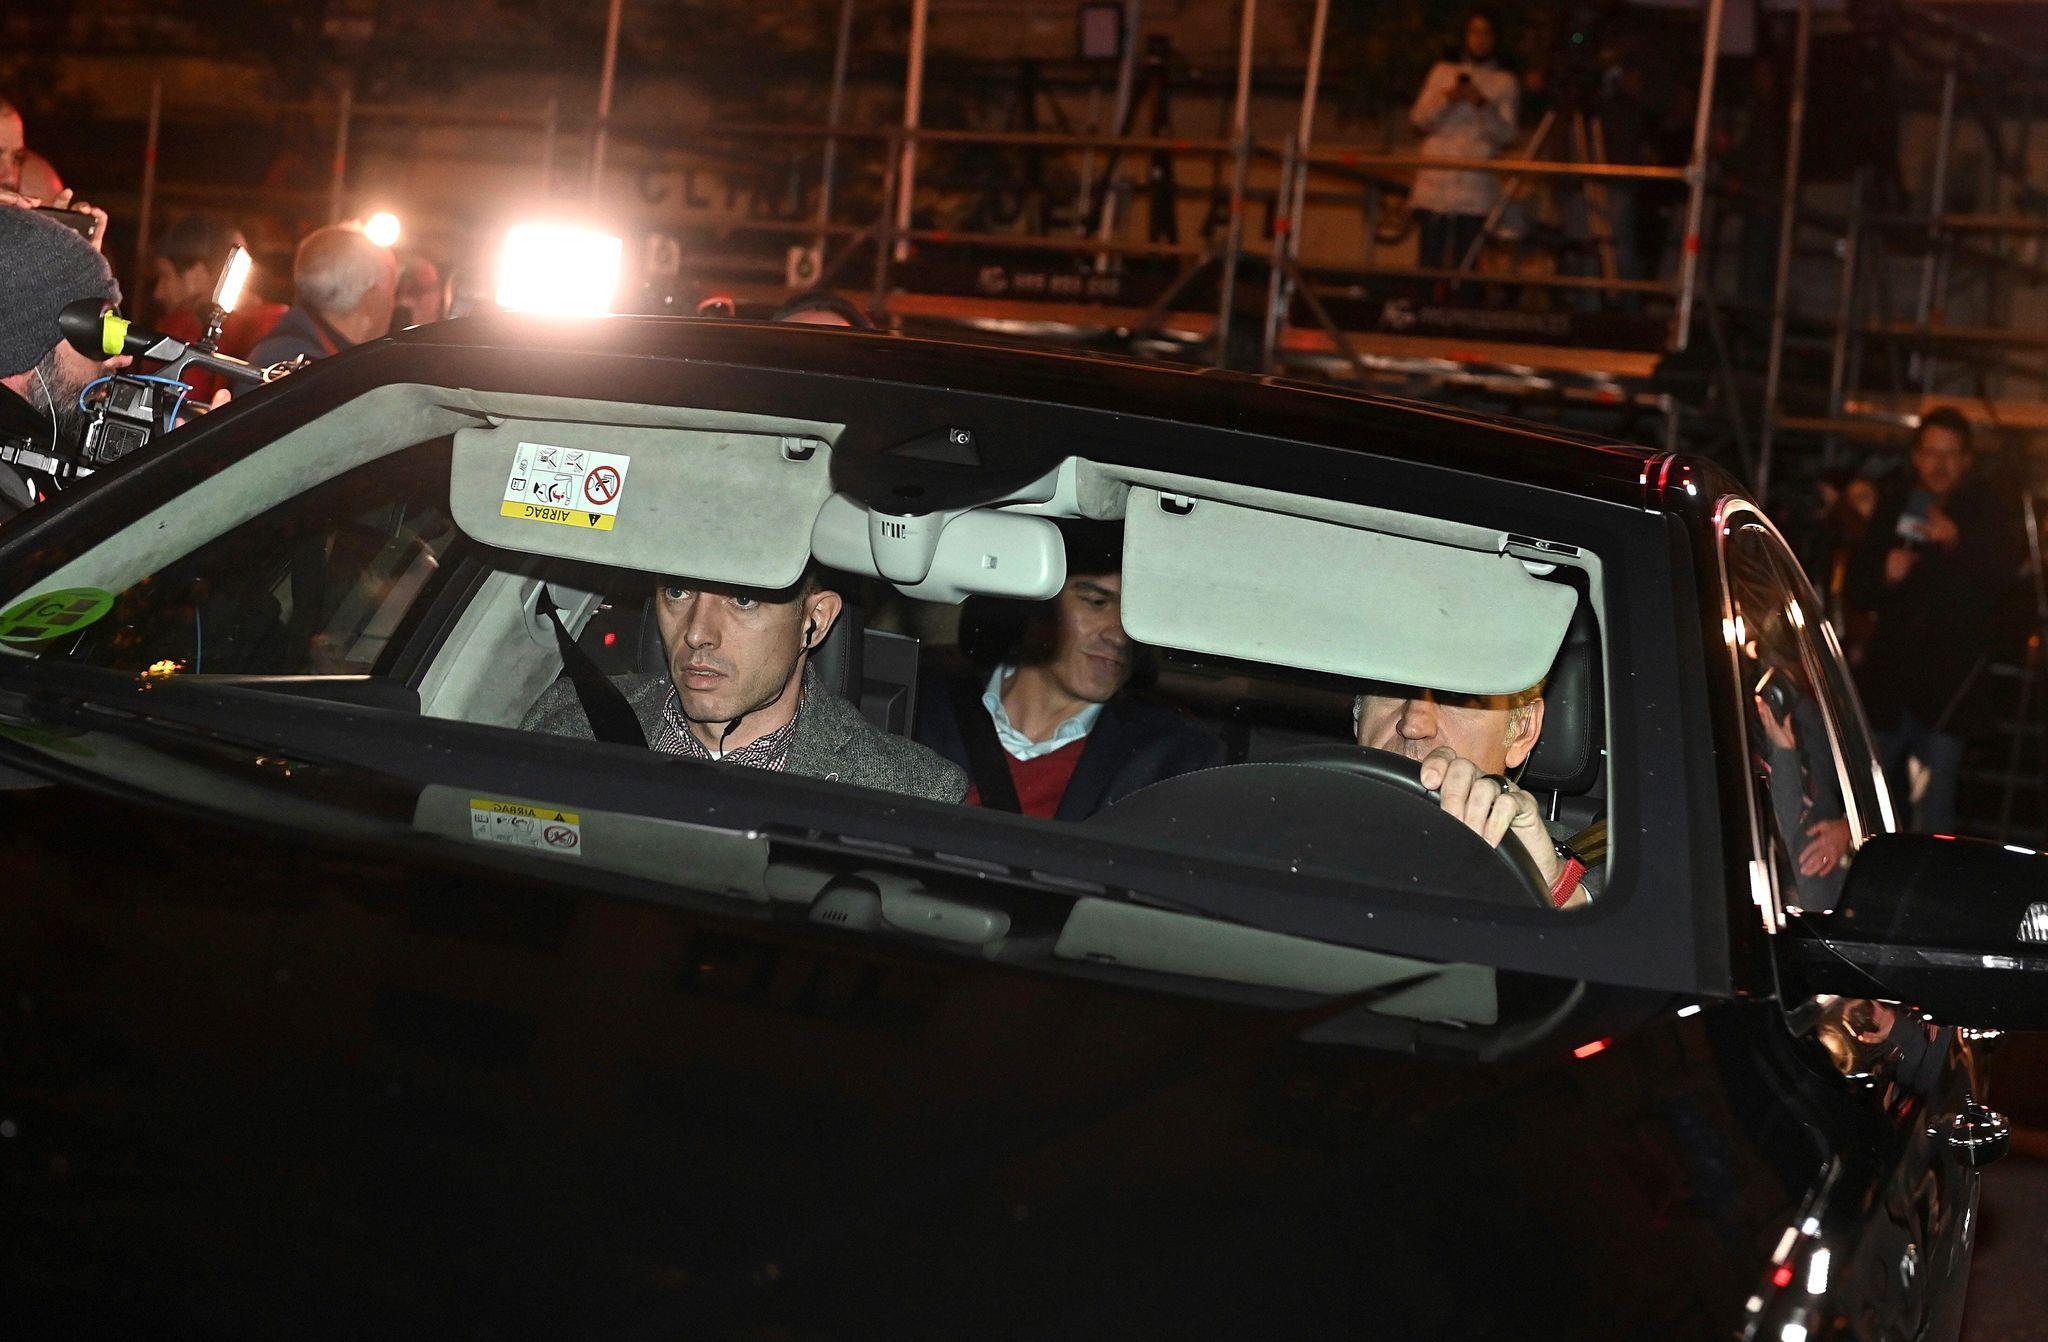 El presidente del Gobierno en funciones, Pedro Sánchez, a su llegada a la sede de PSOE, en la madrileña calle Ferraz, para el seguimiento electoral.